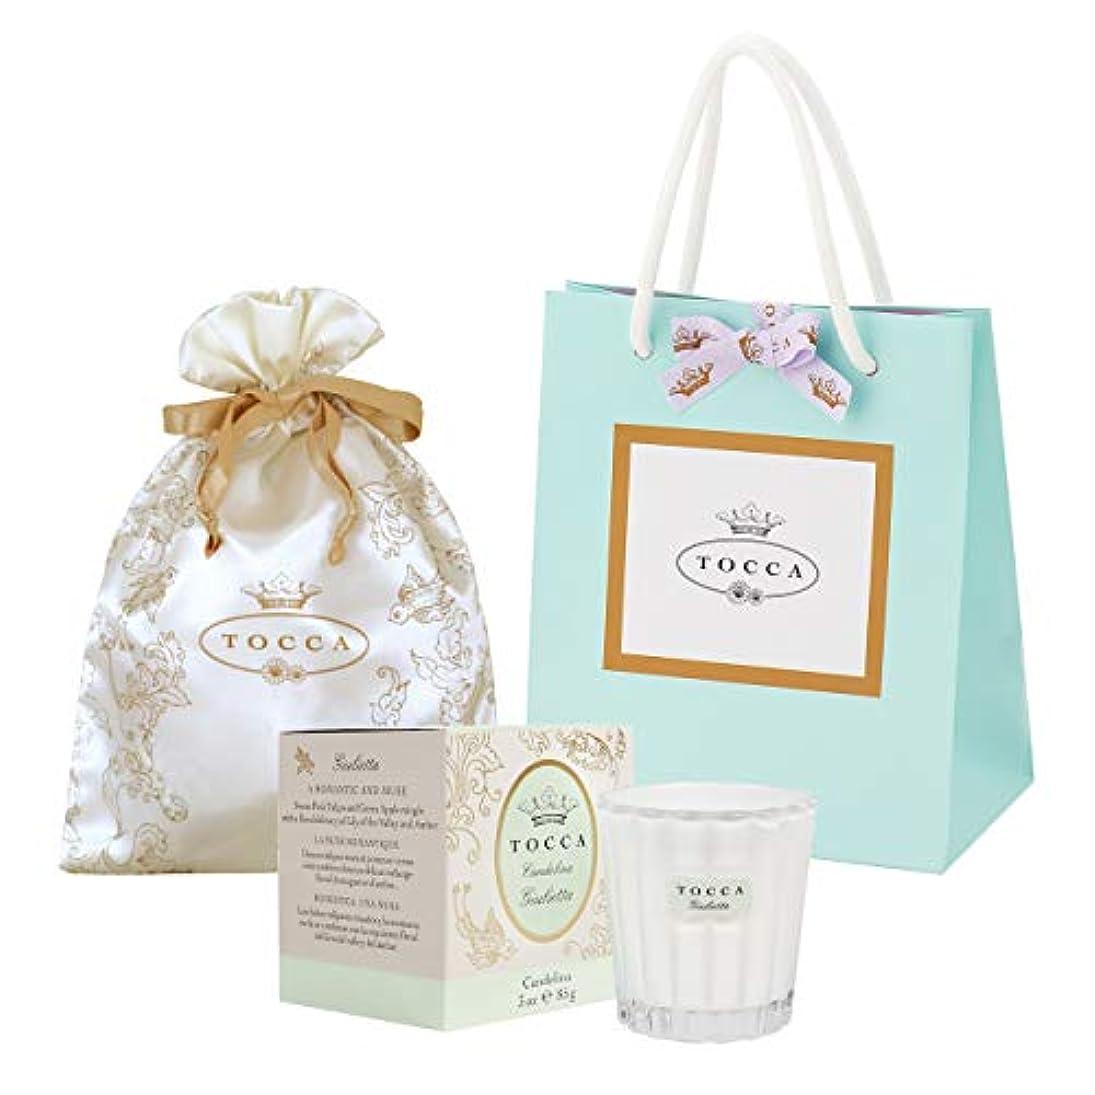 ペンフレンド設計討論トッカ(TOCCA) キャンデリーナ ジュリエッタの香り 約85g 巾着&ショッパー付 (キャンドル ろうそく ギフト 手提袋付 爽やかで甘い香り)